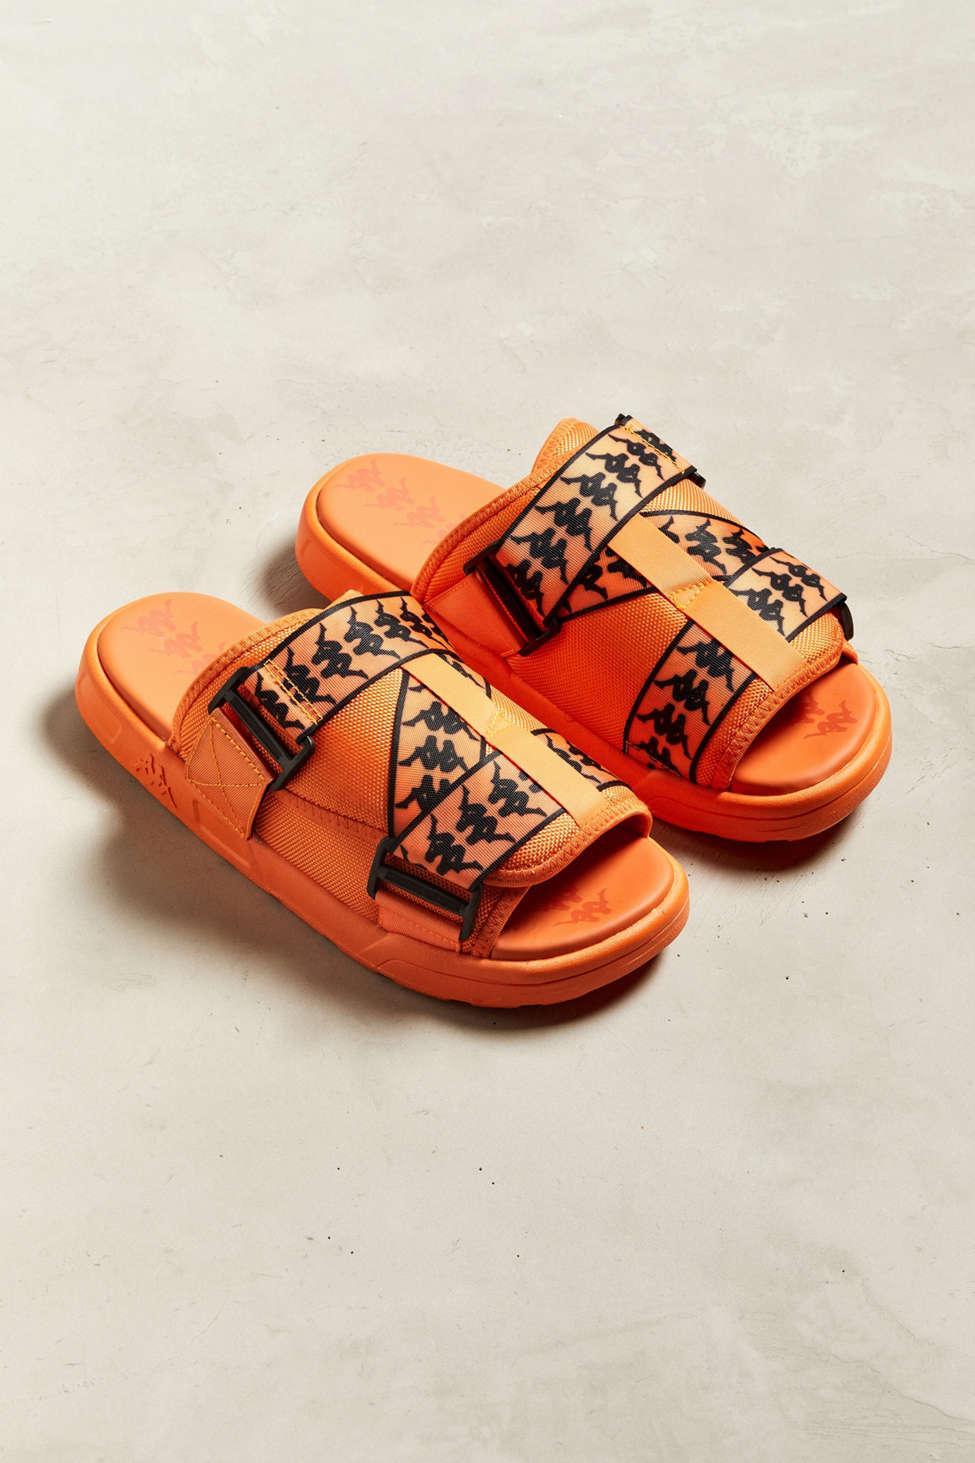 84206721939e Kappa - Orange Banda Mitel 1 Slide Sandal for Men - Lyst. View fullscreen